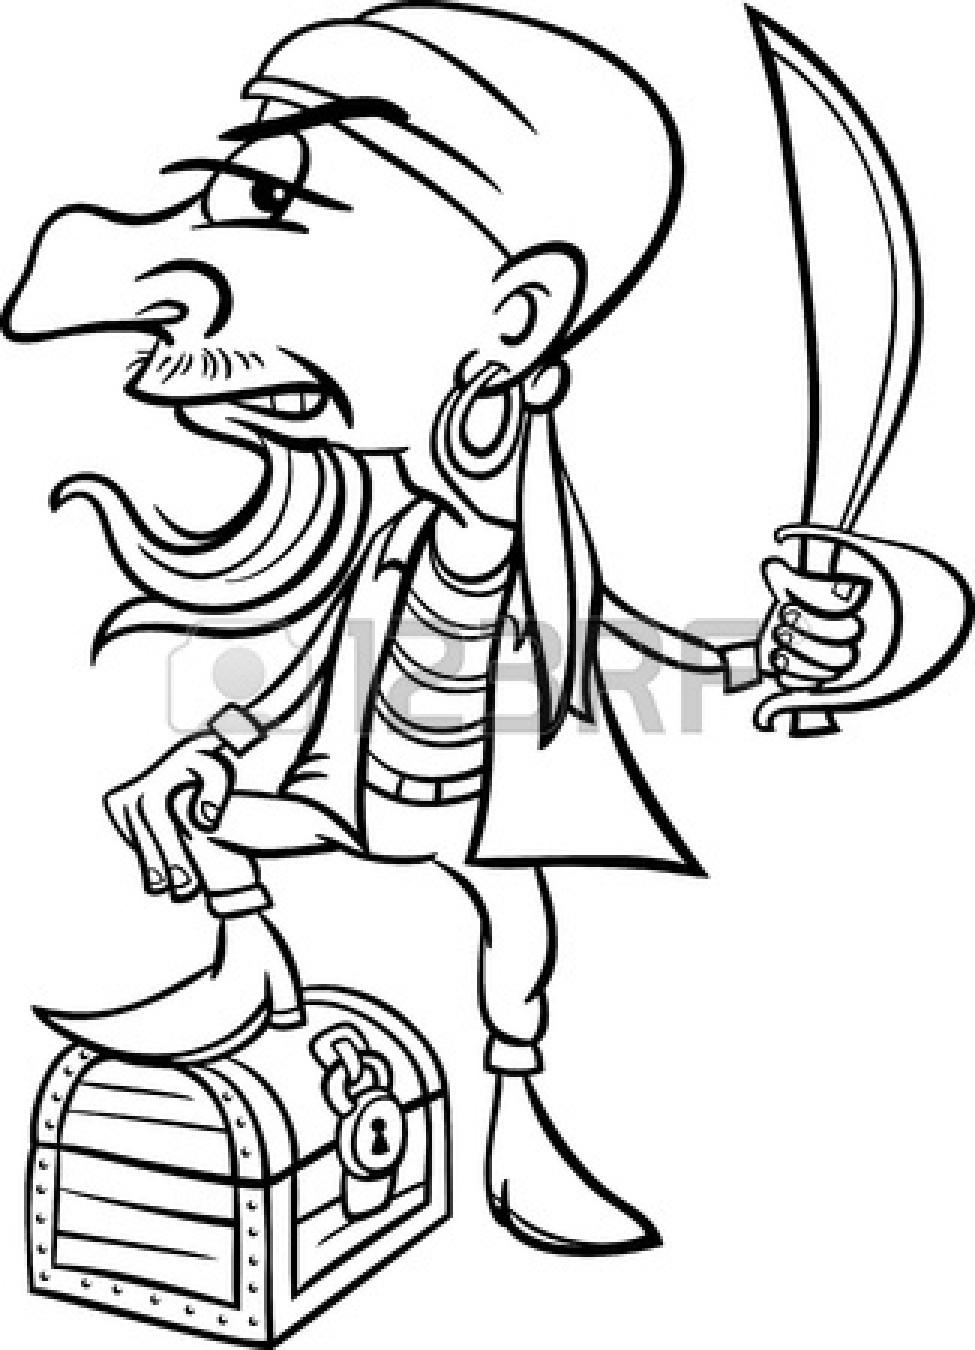 Pirate clipart pirate map #14